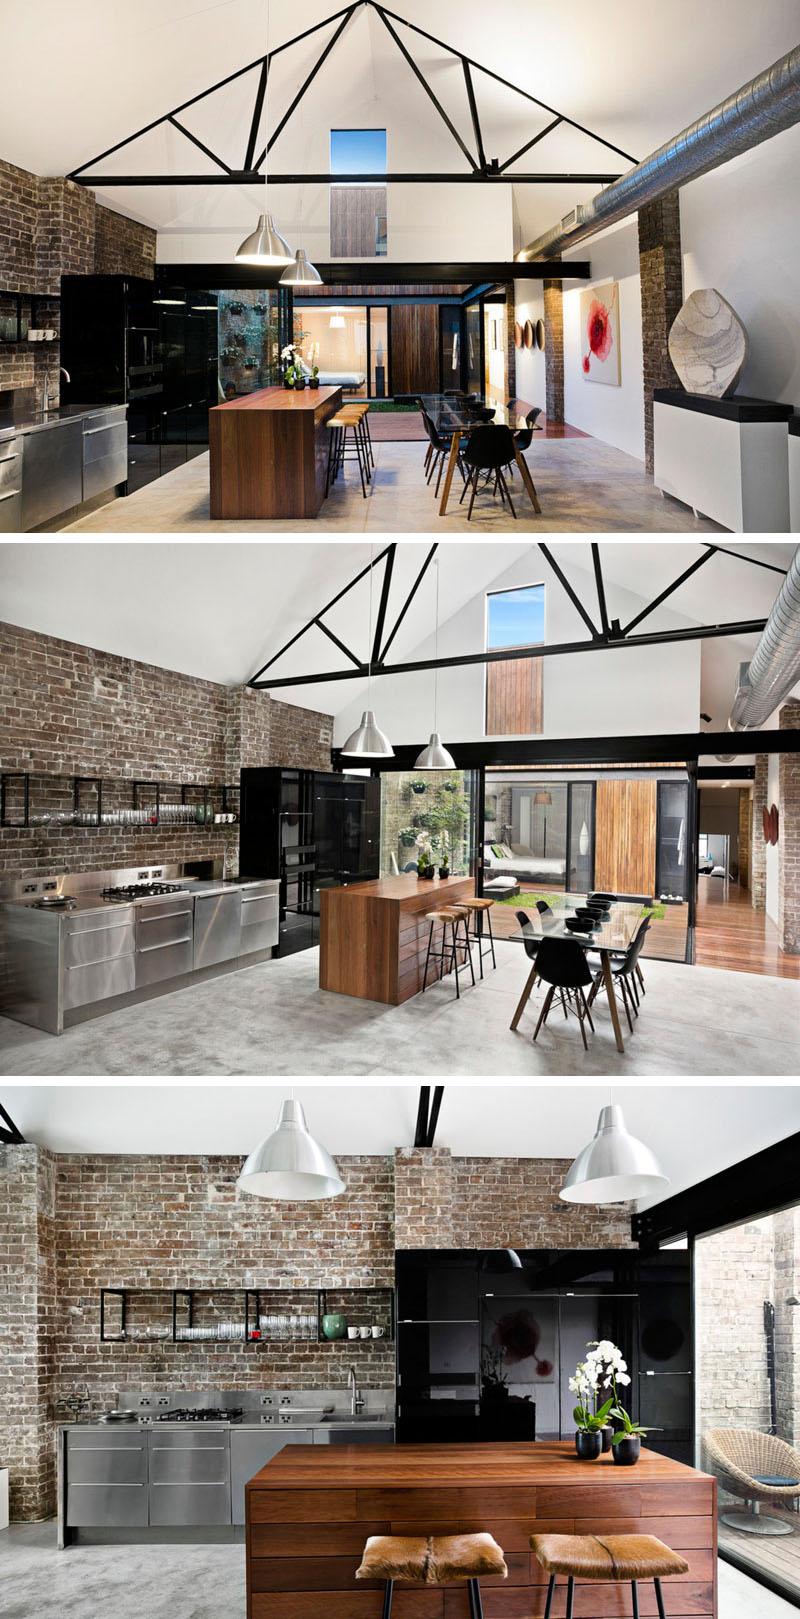 modern-kitchen-161116-1020-04